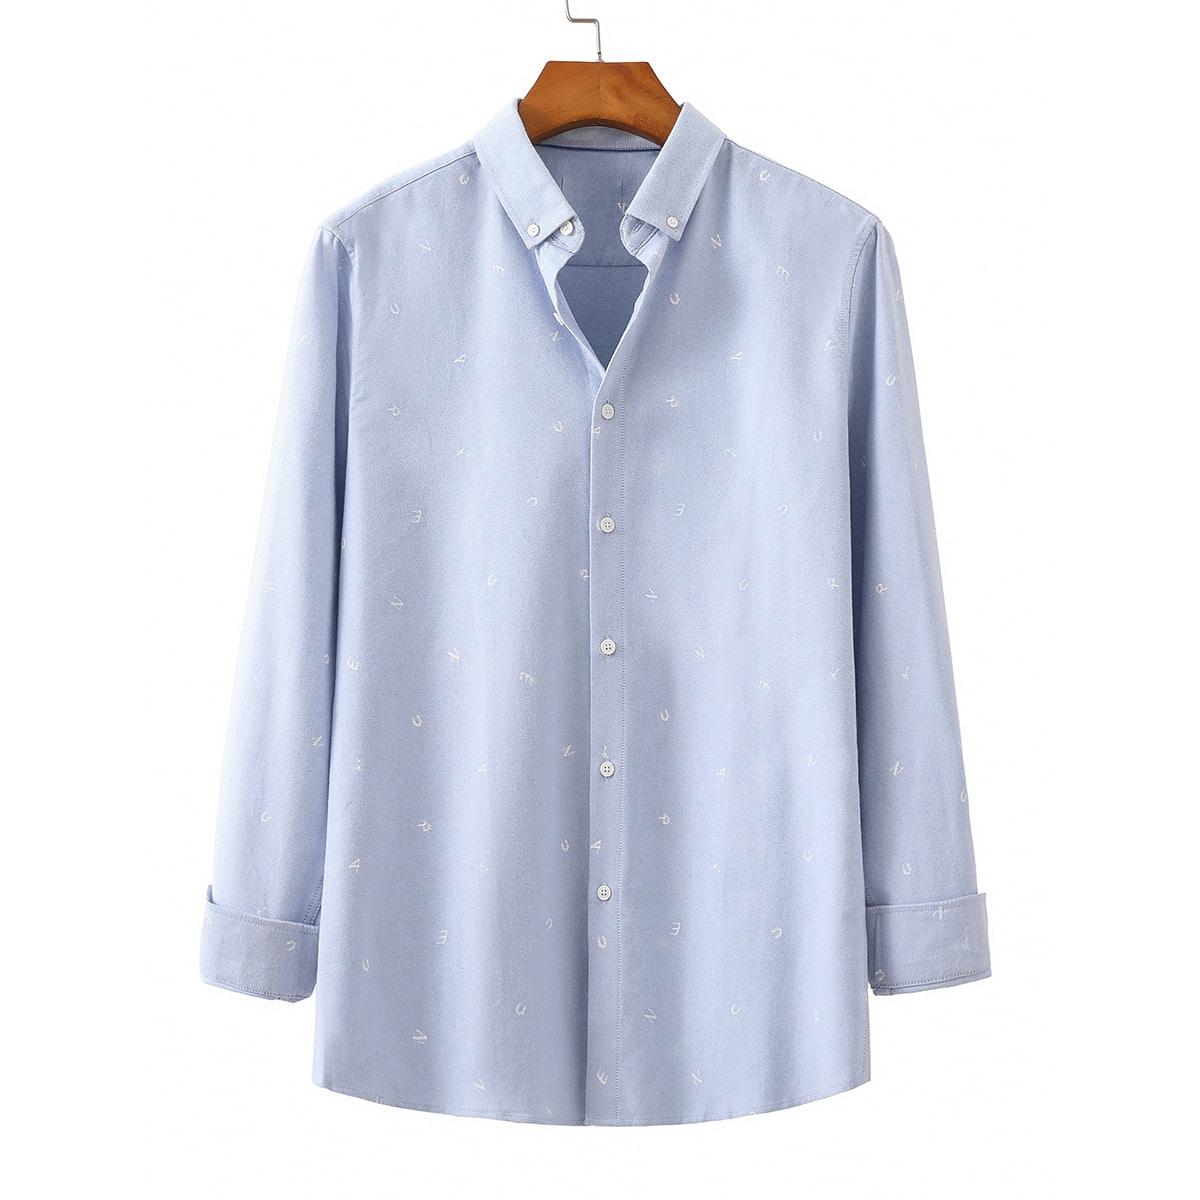 Мужская рубашка с текстовой вышивкой